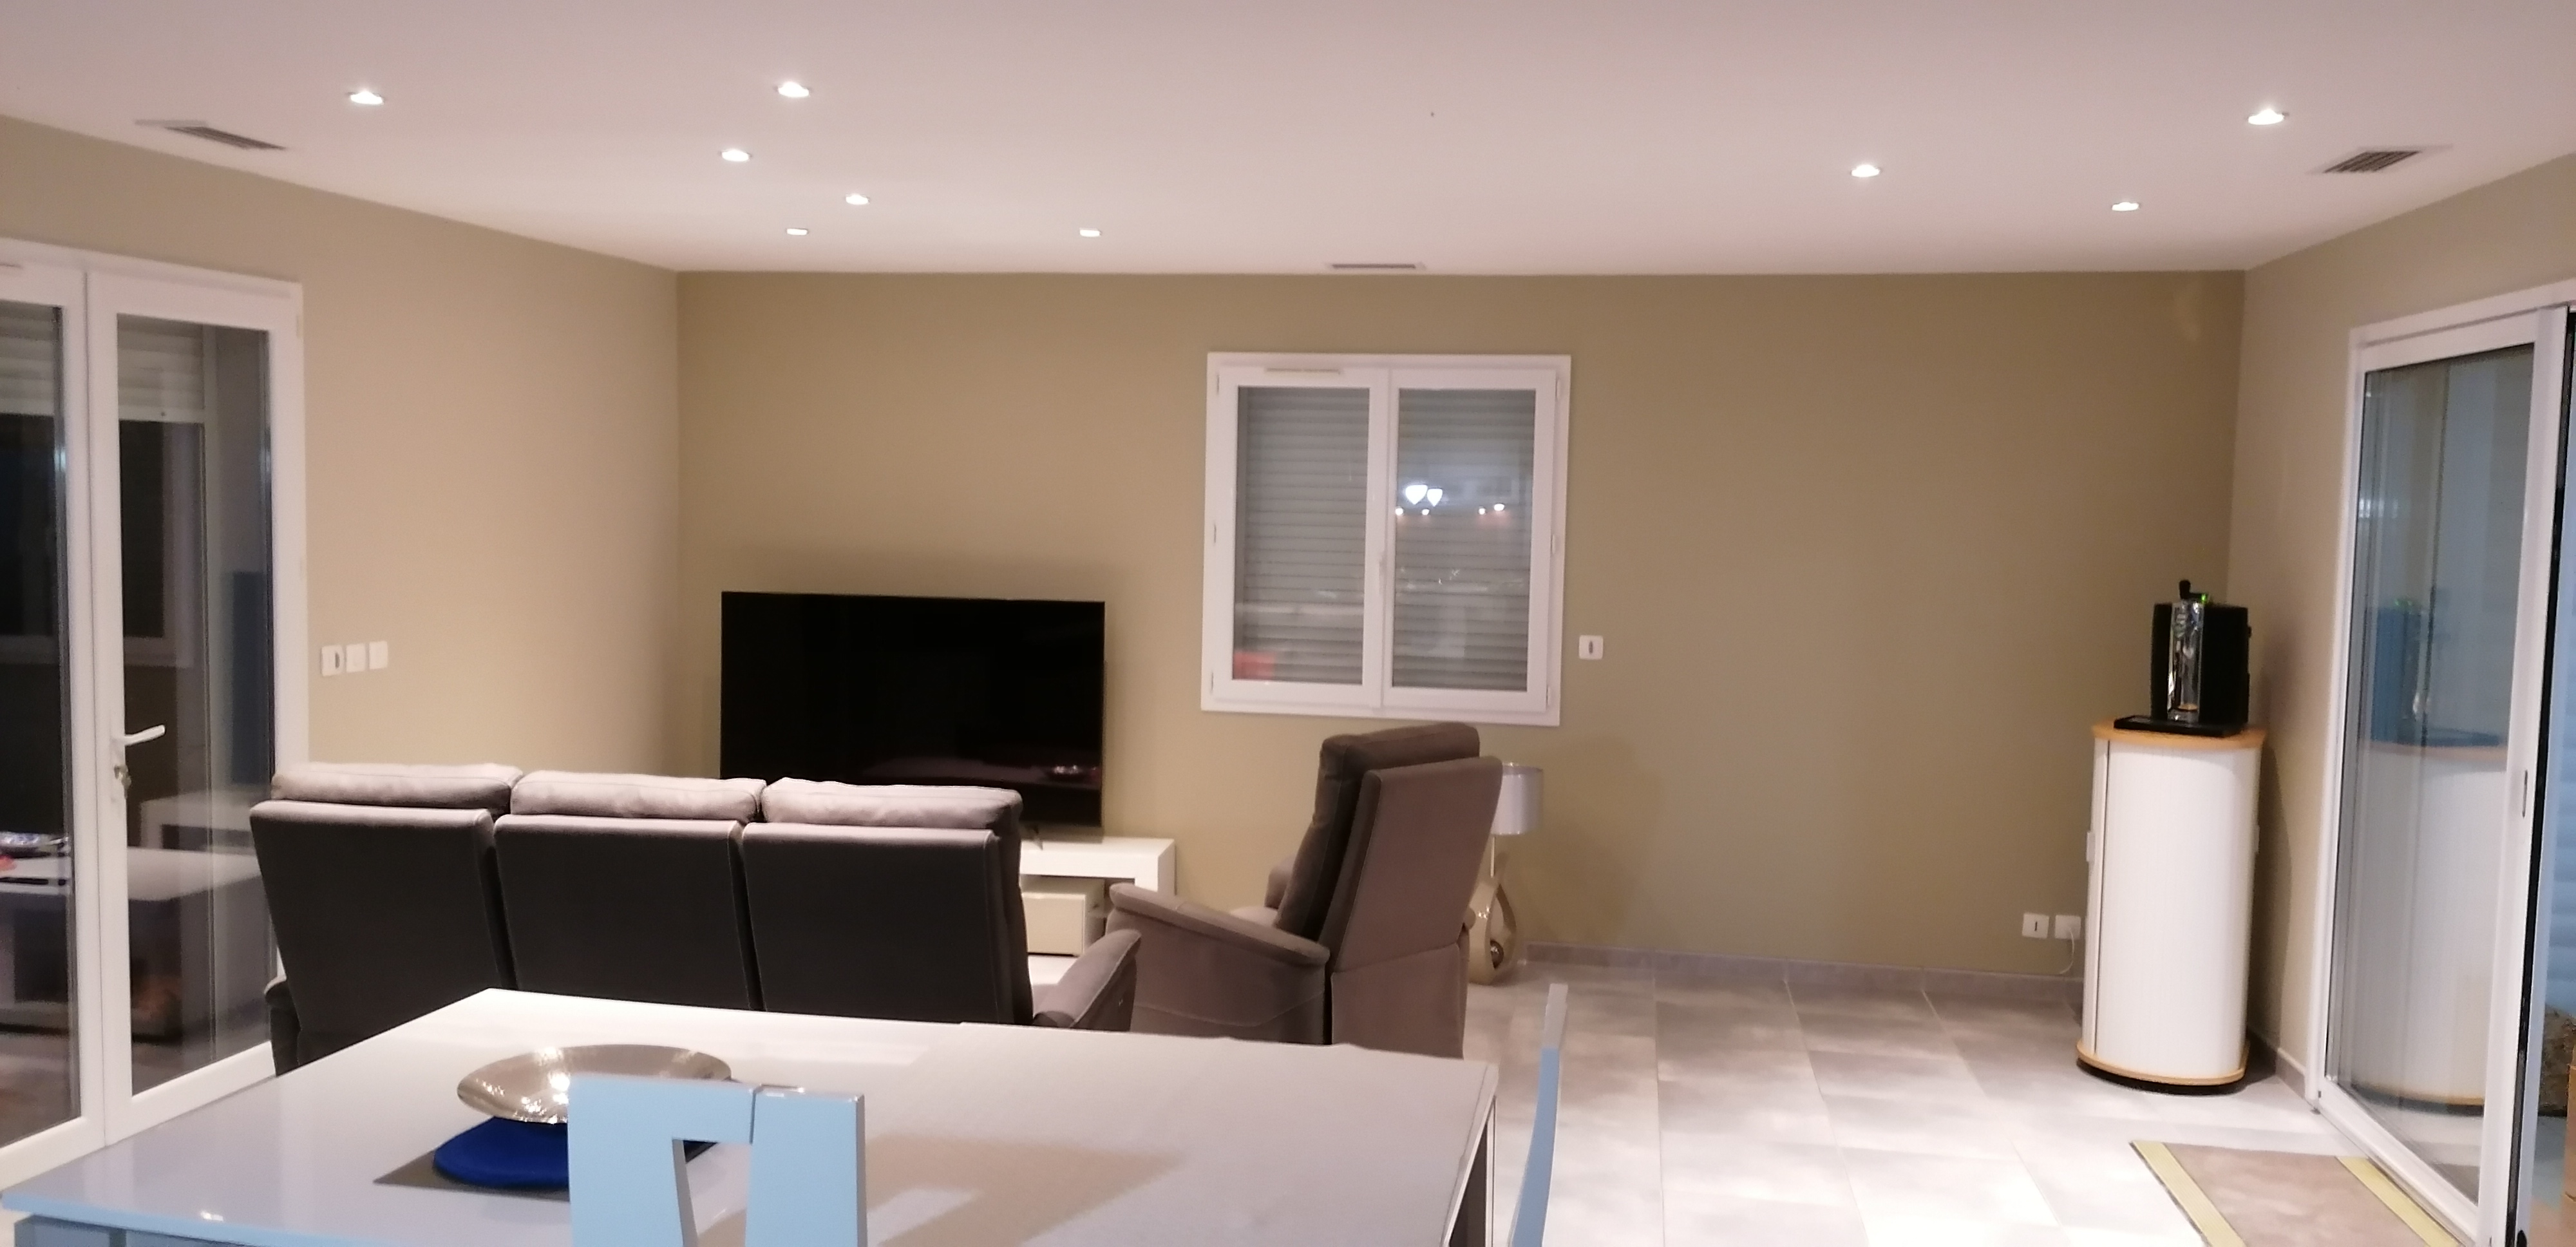 88305953700018, artisan spécialisé en Peinture : mur, sol, plafond